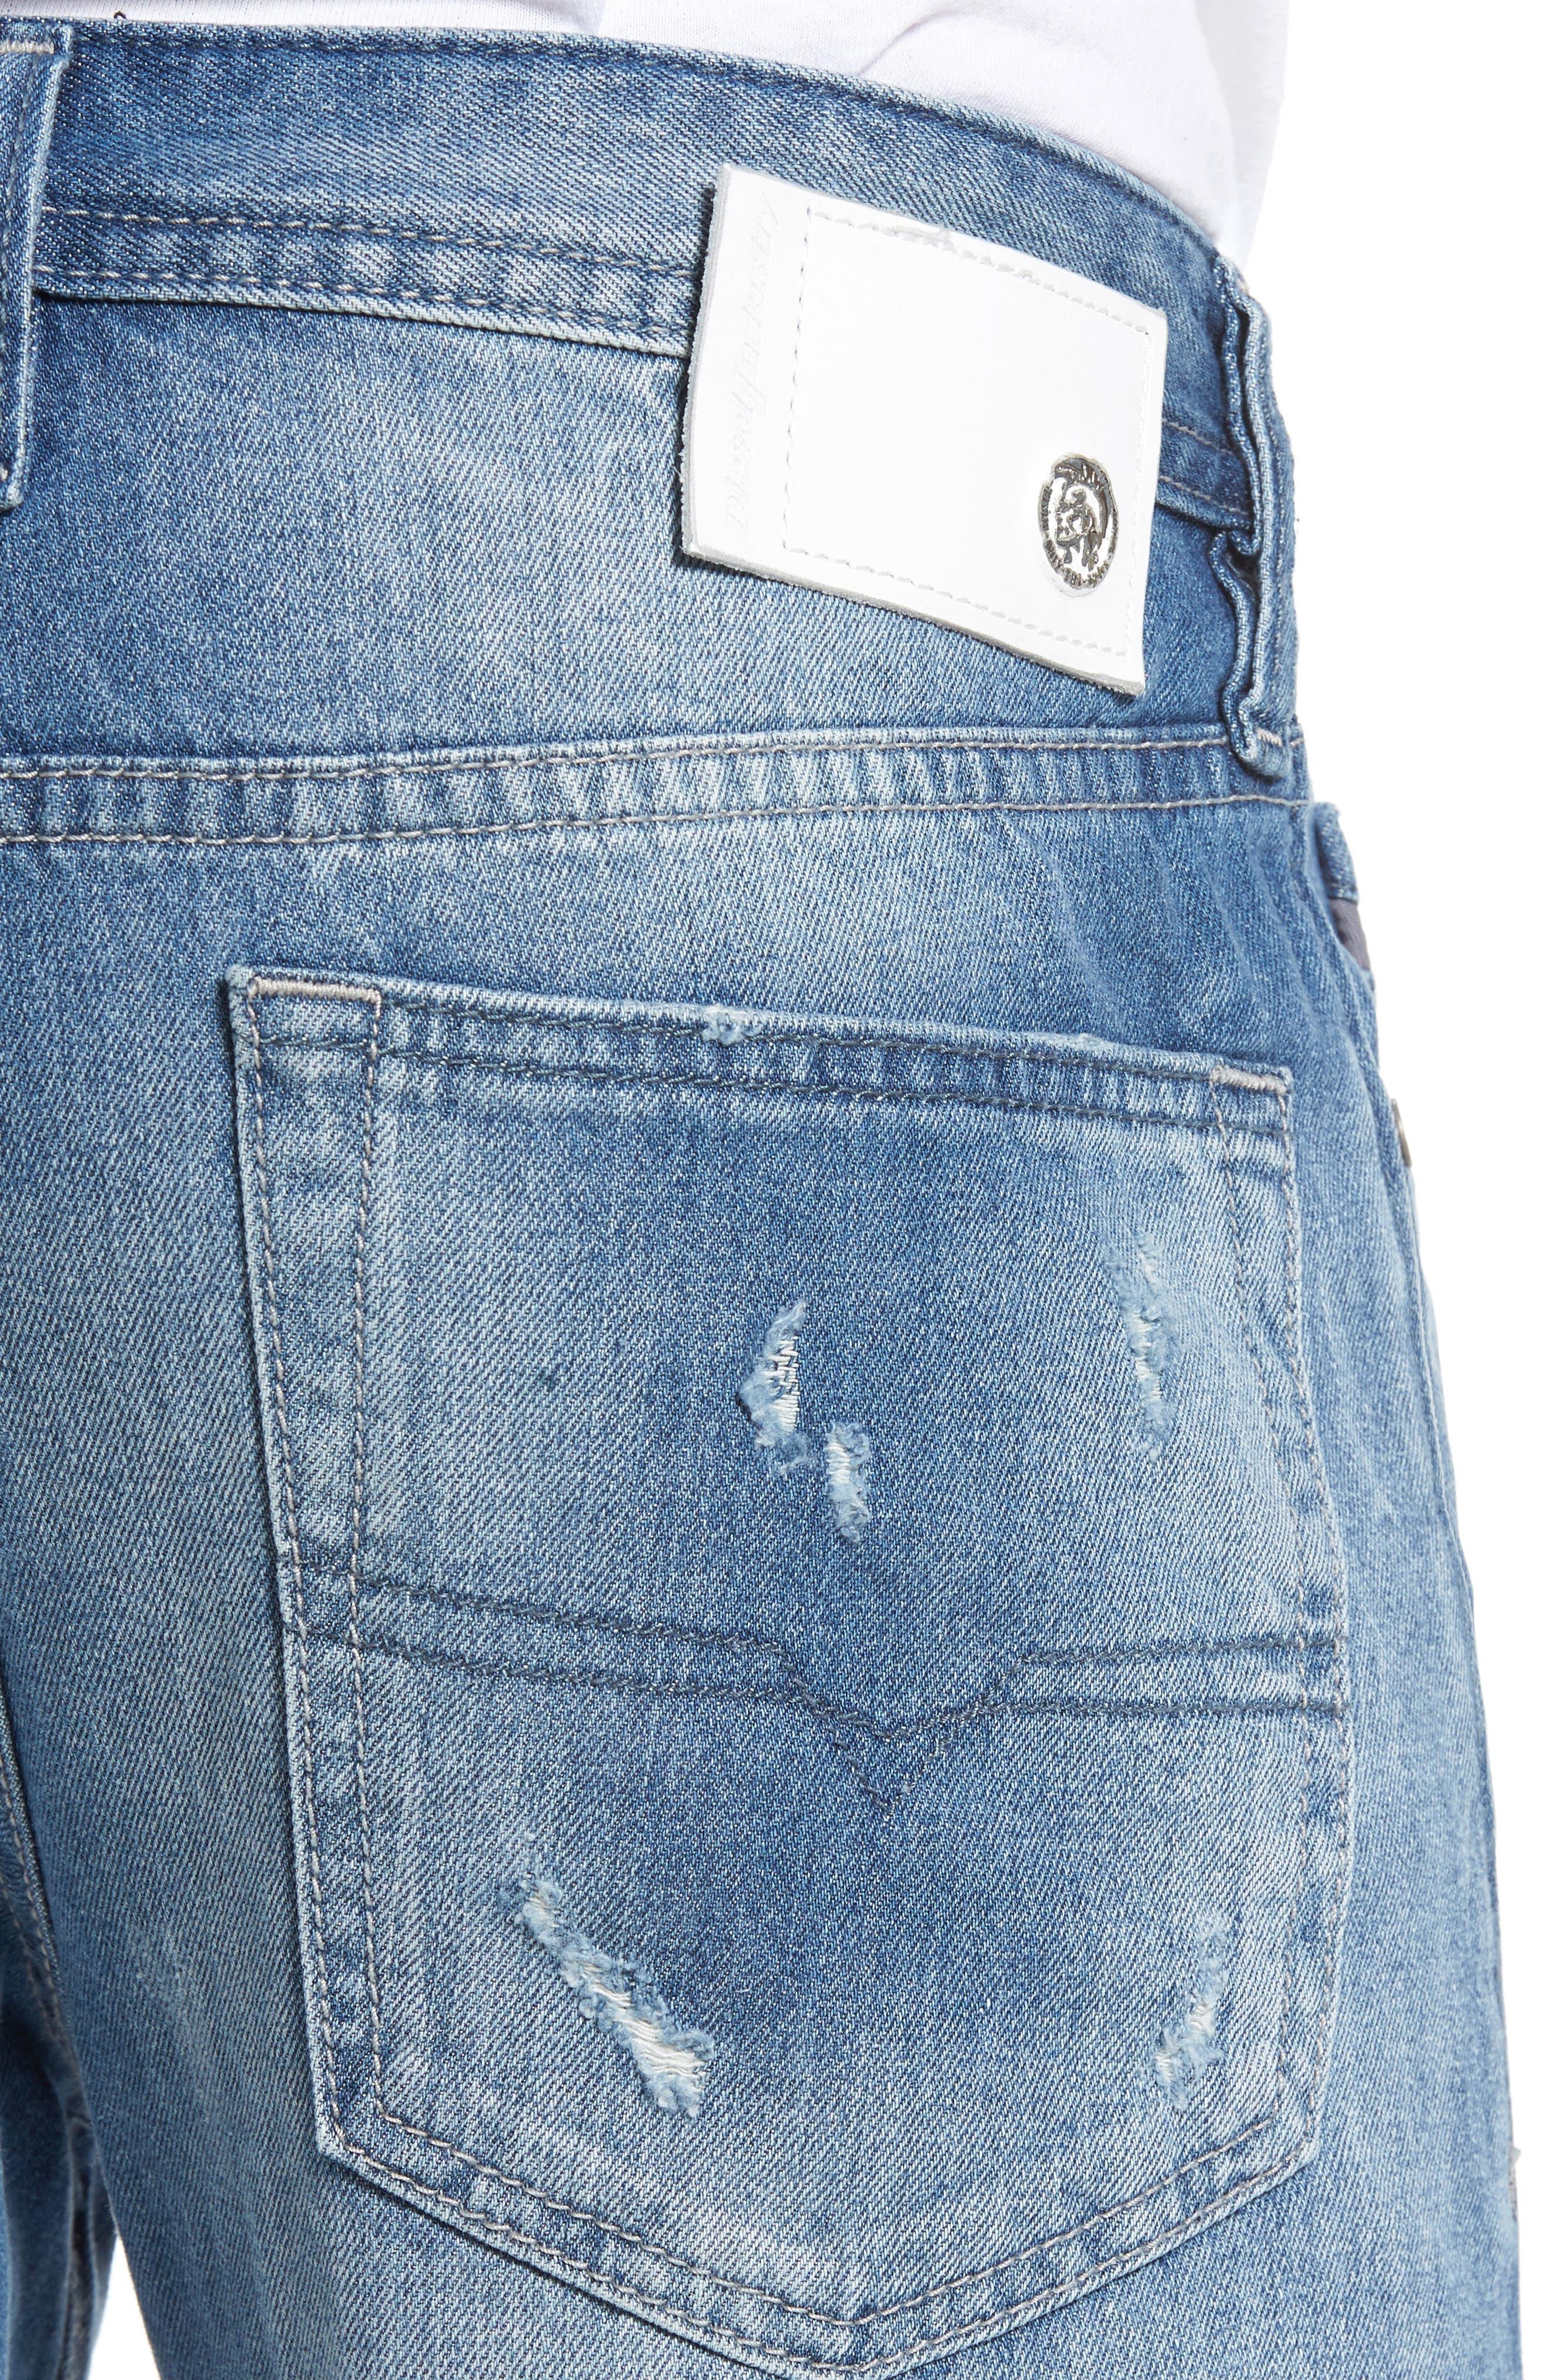 DIESEL Buster Slim Straight Leg Jeans,                             Alternate thumbnail 4, color,                             C84cm